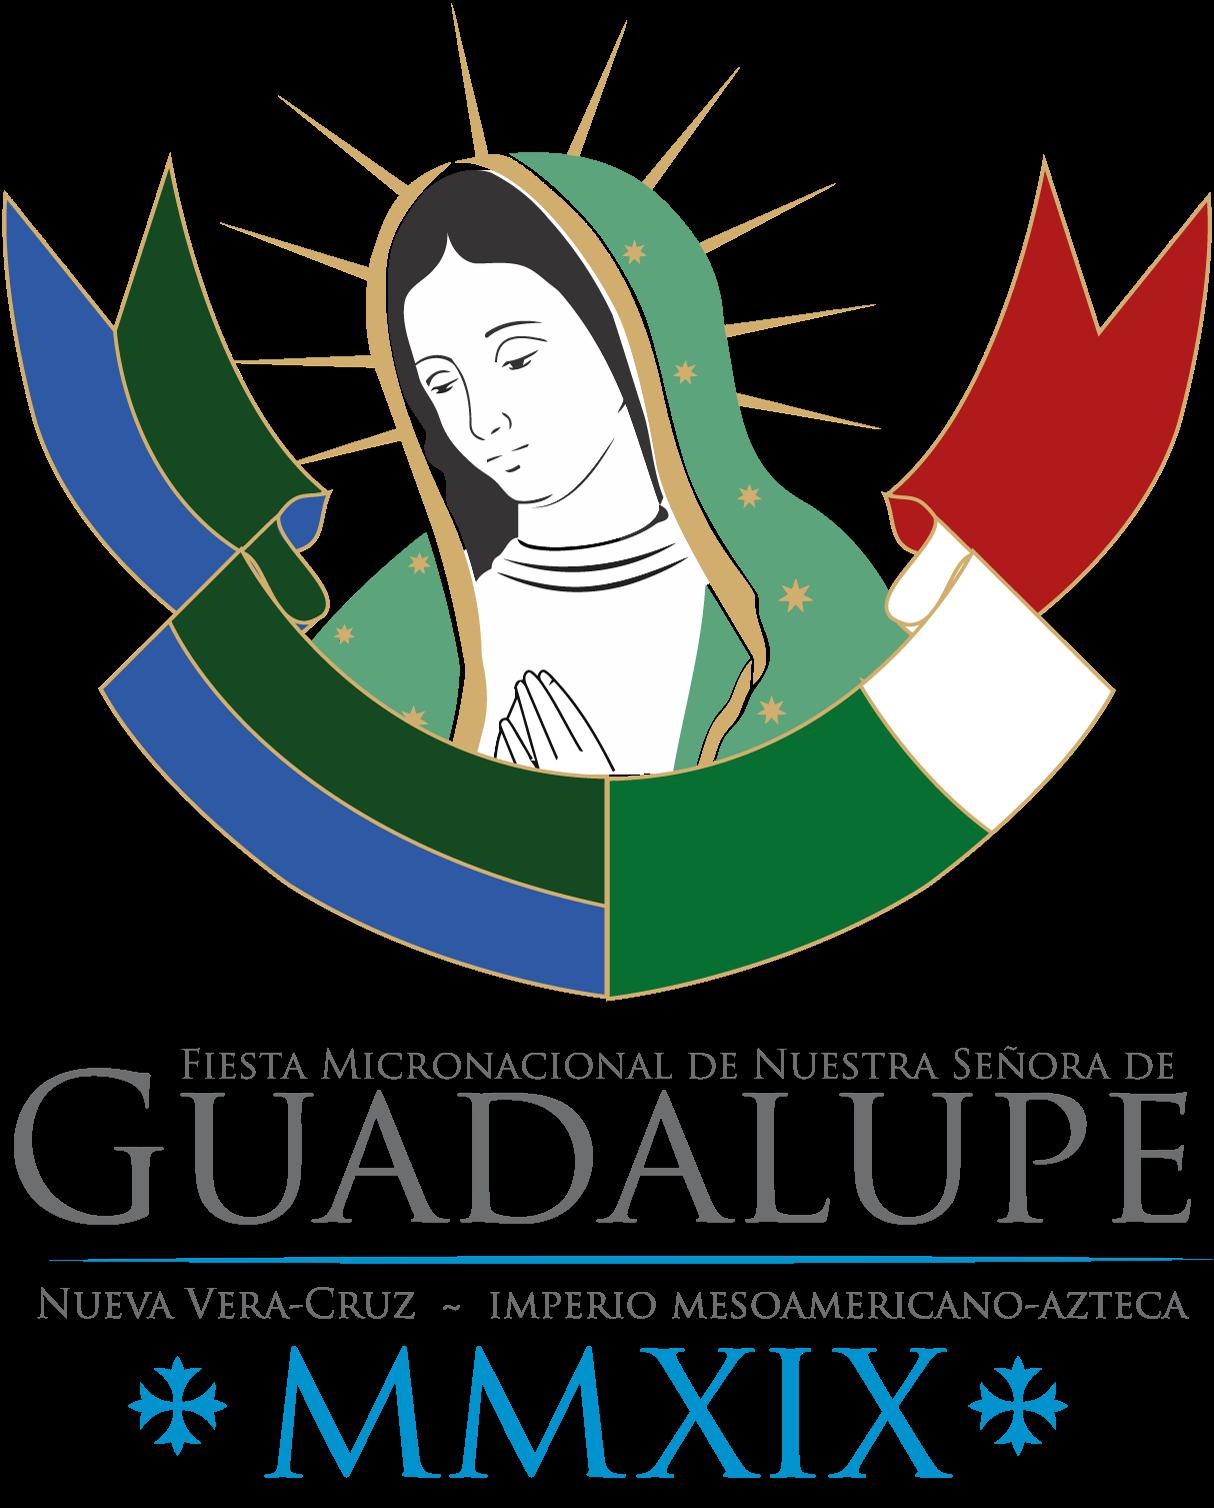 Fiesta Bimicronacional de la Virgen de Guadalupe Azteca - Nueva Vera-Cruz 12/12/2019